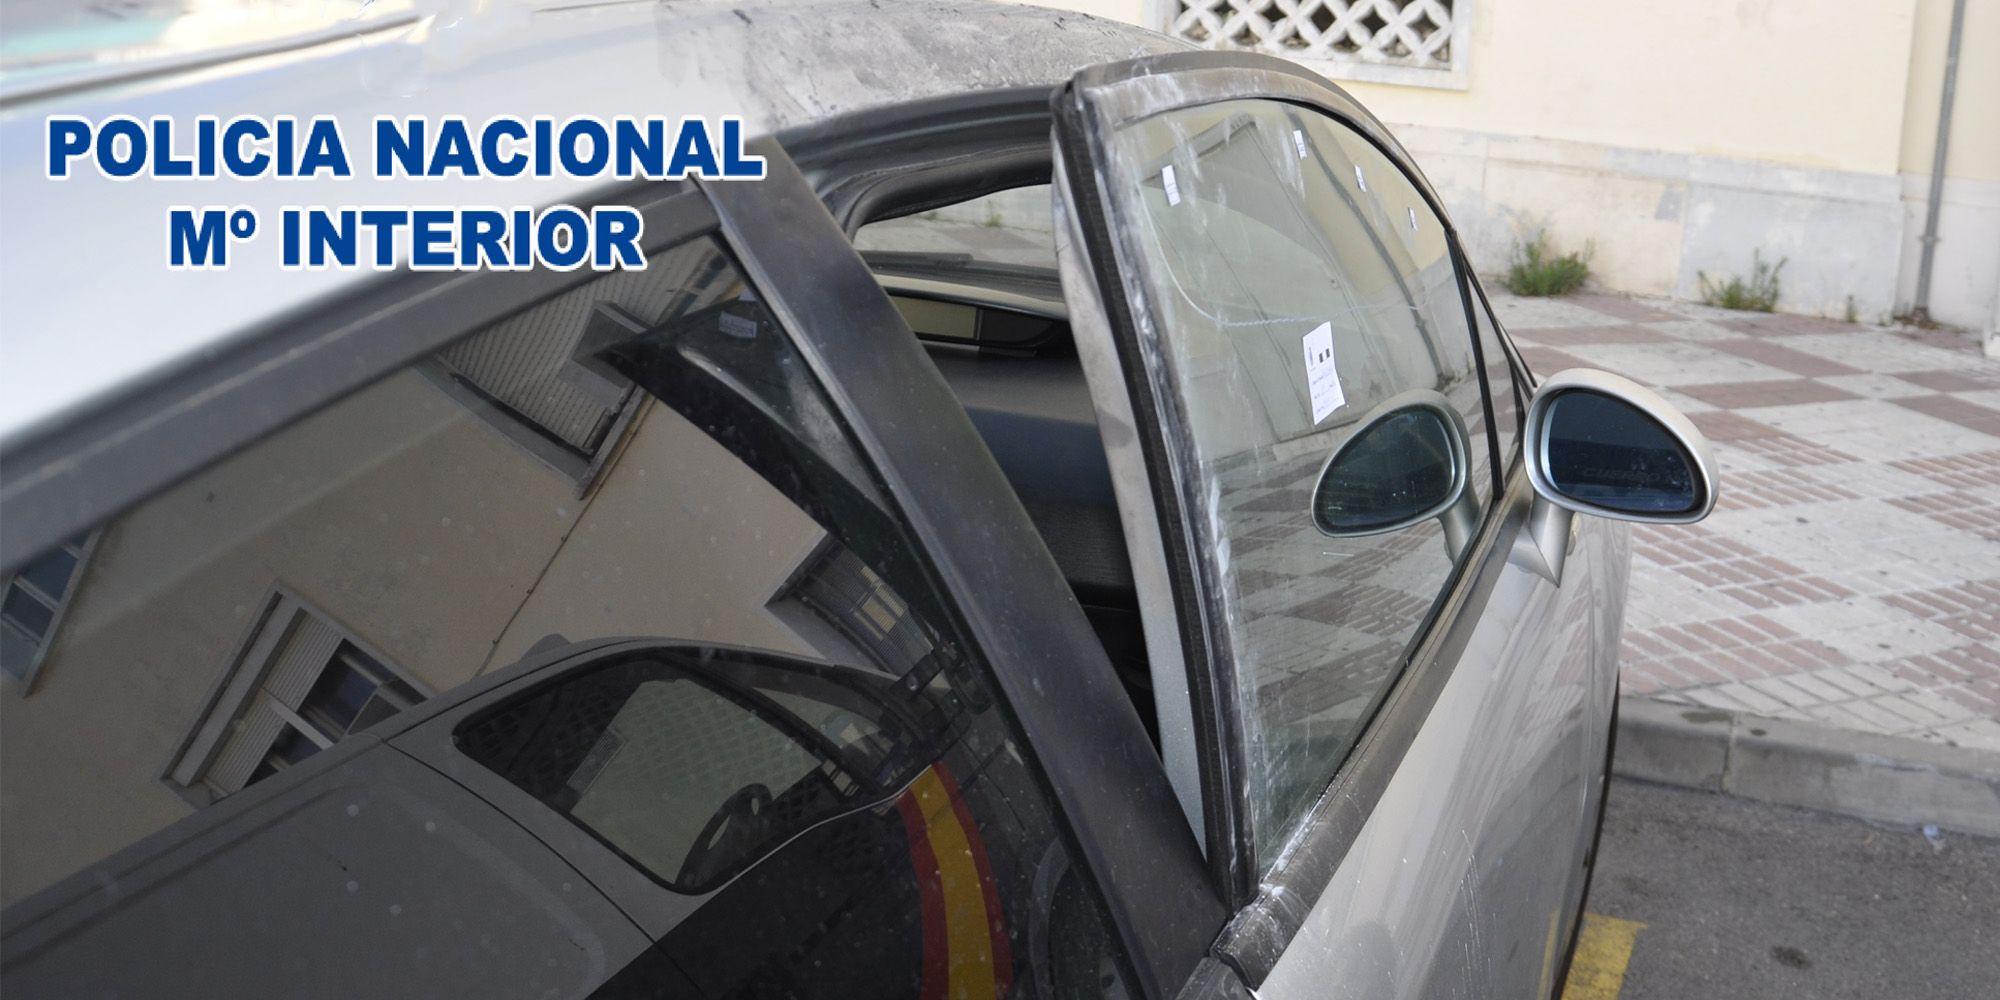 Coche robado - Policia Nacional El Puerto